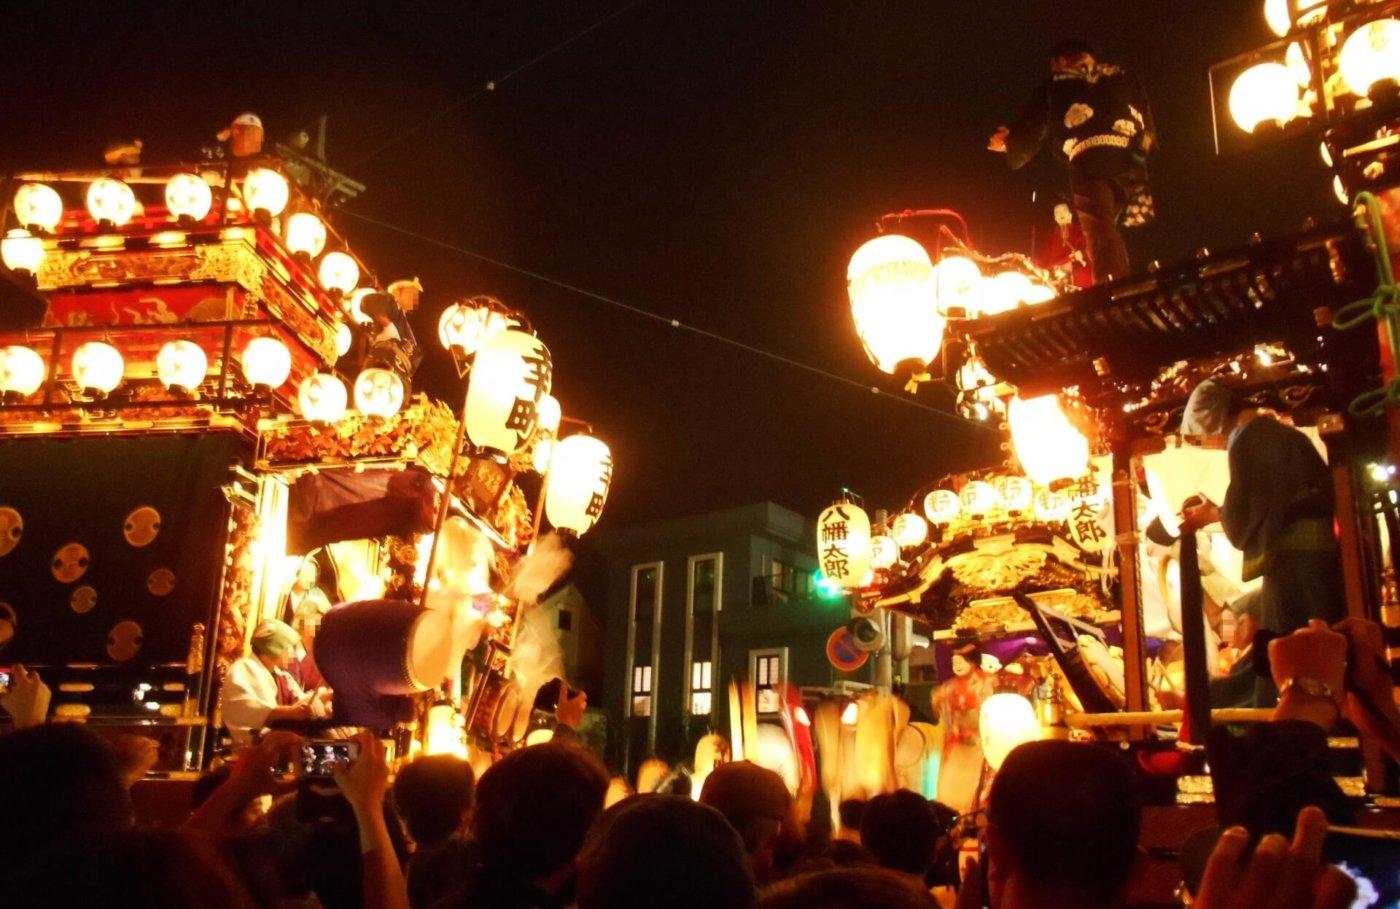 小江戸川越の祭「川越まつり」がすごい!